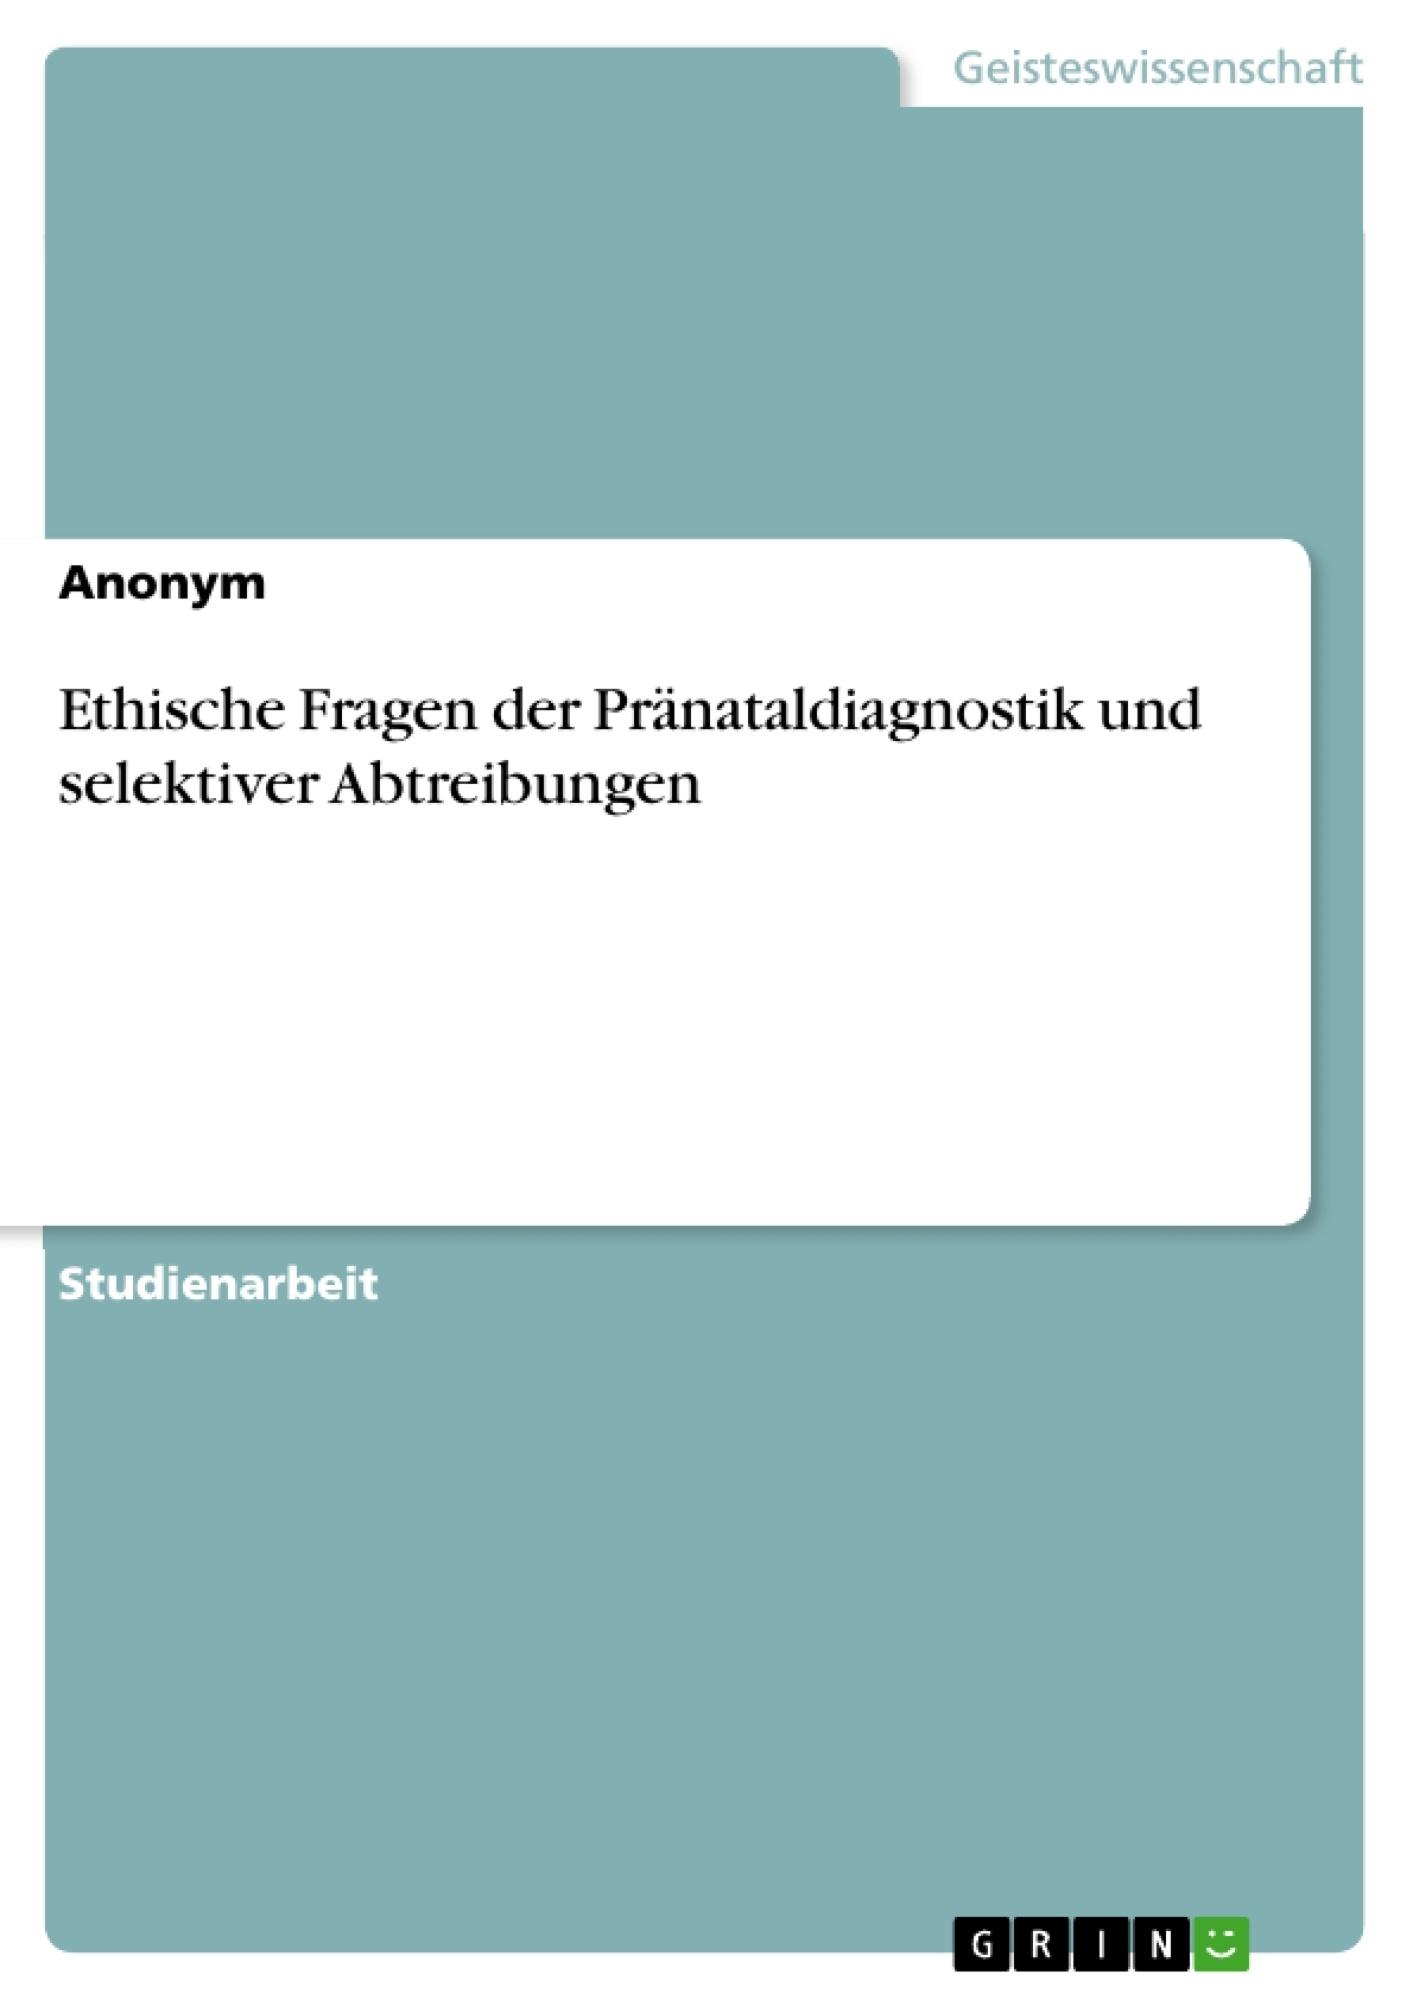 Titel: Ethische Fragen der Pränataldiagnostik und selektiver Abtreibungen